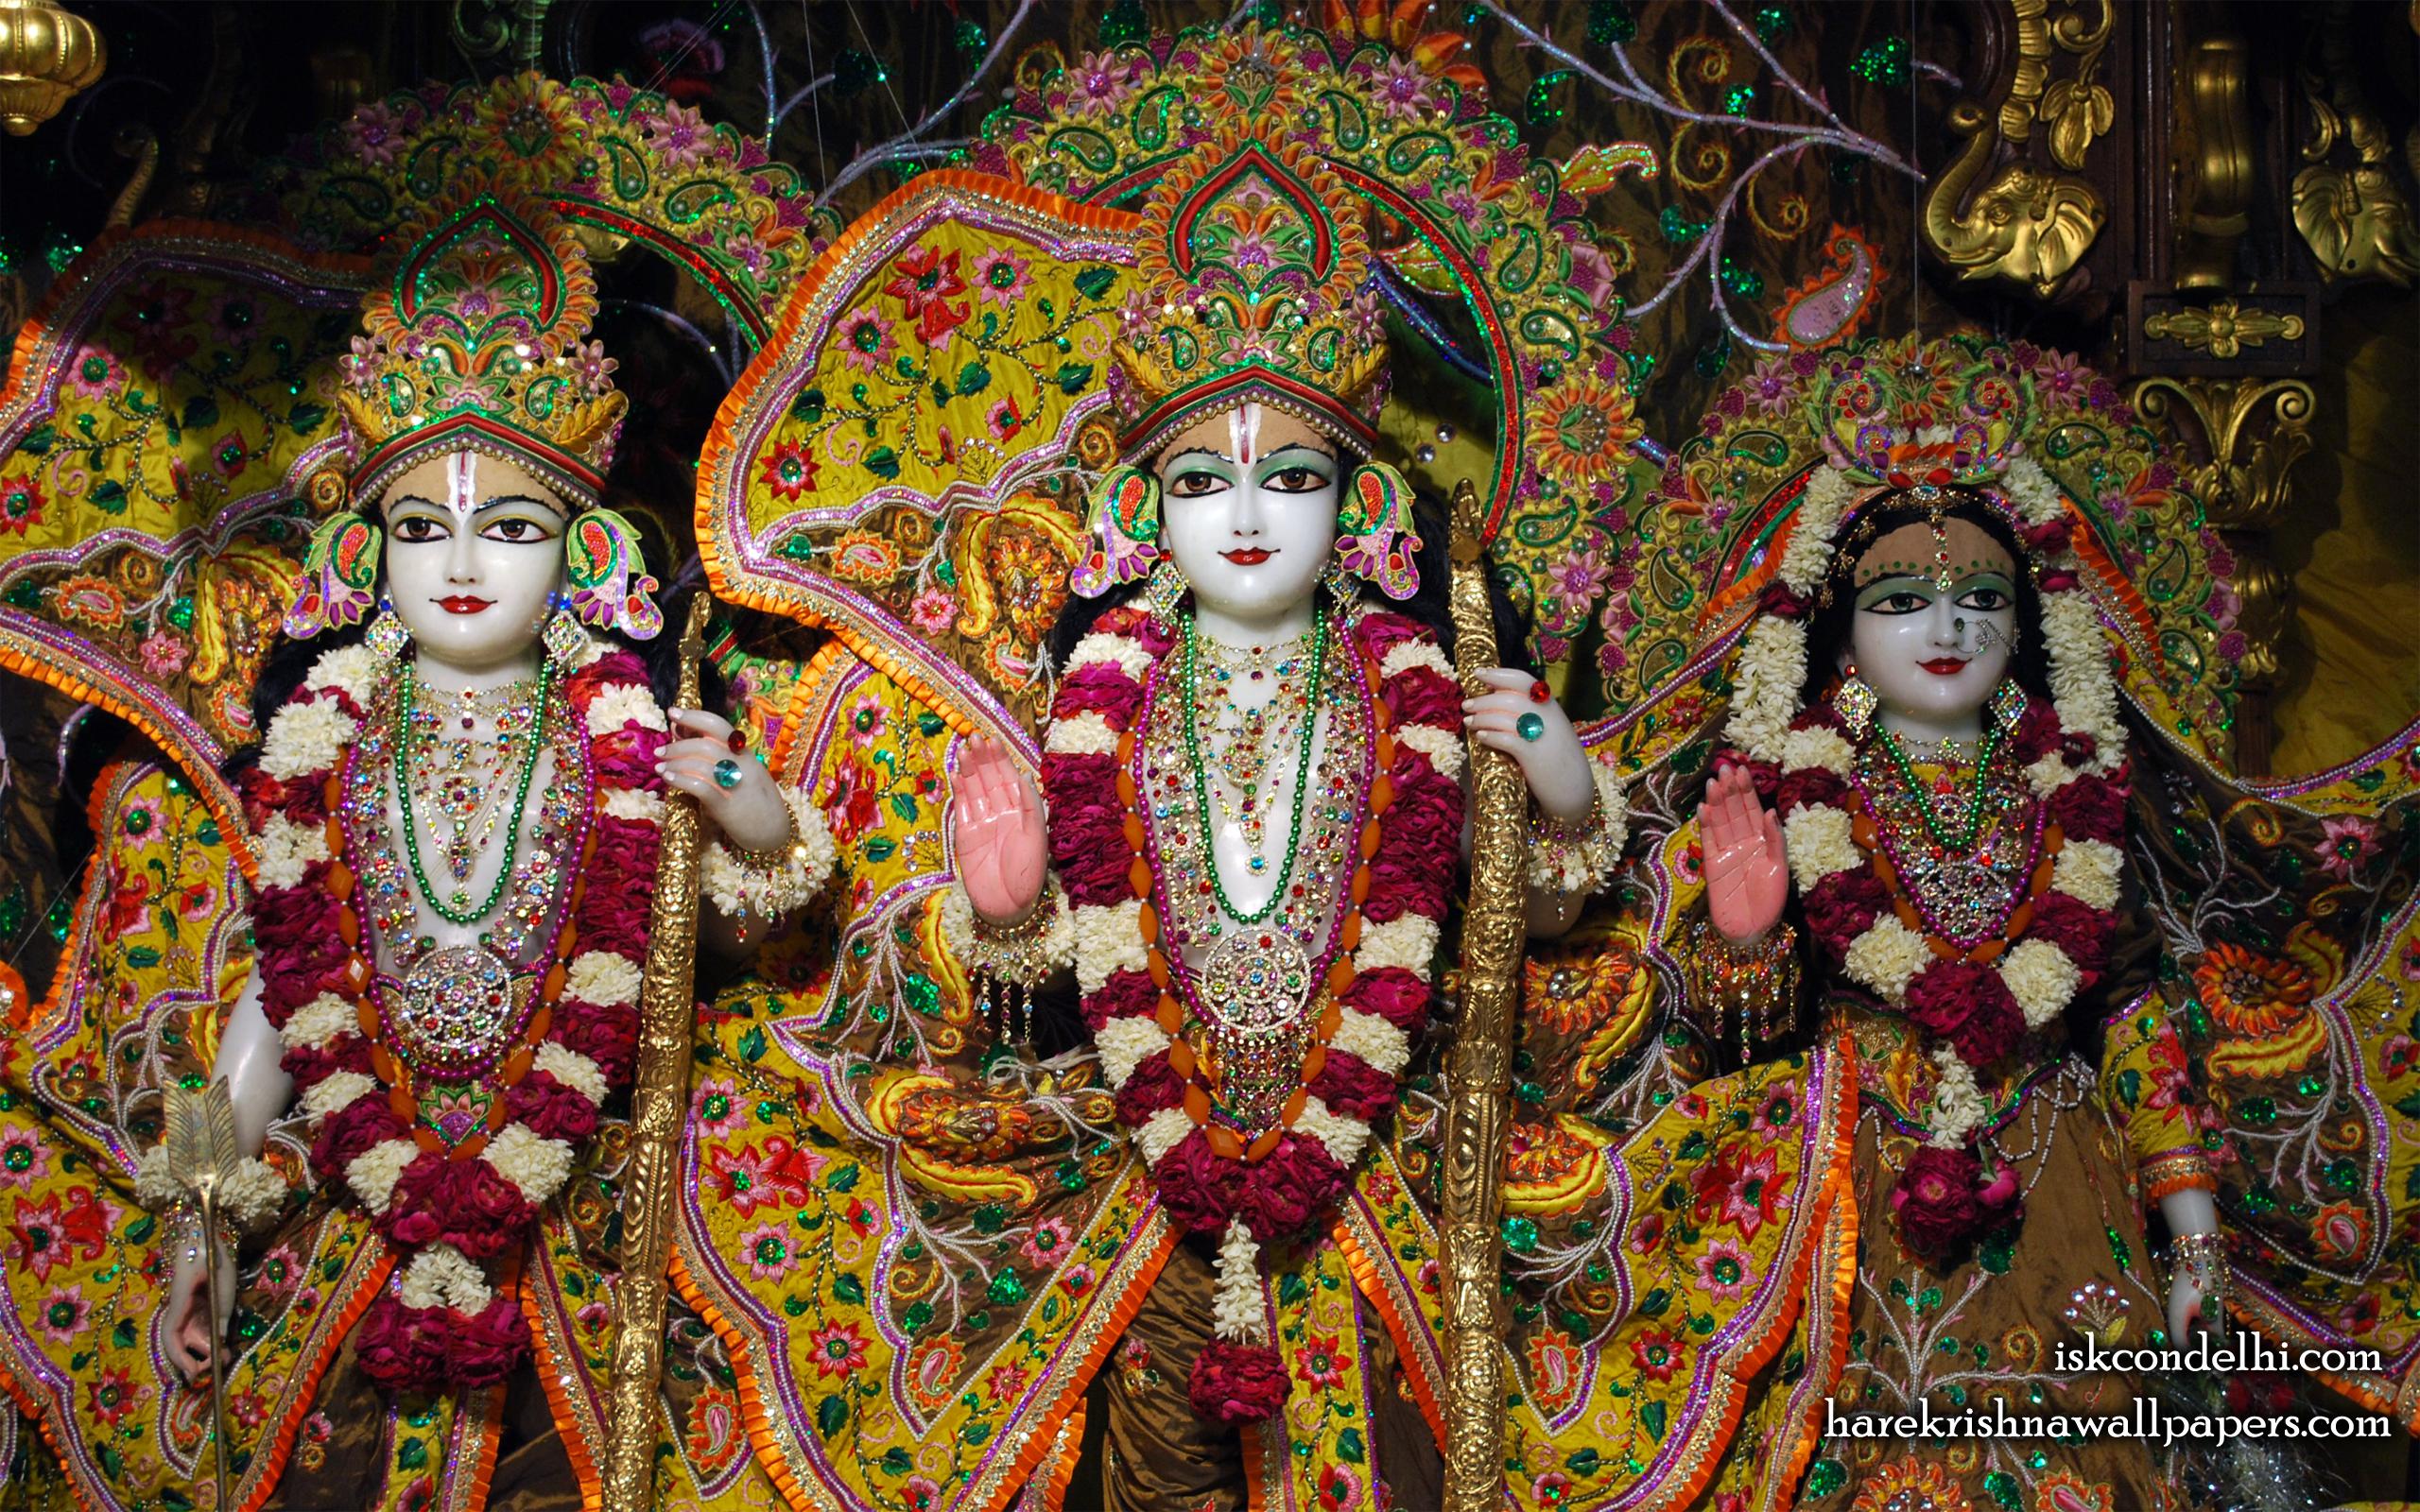 Sri Sri Sita Rama Laxman Wallpaper (003) Size 2560x1600 Download